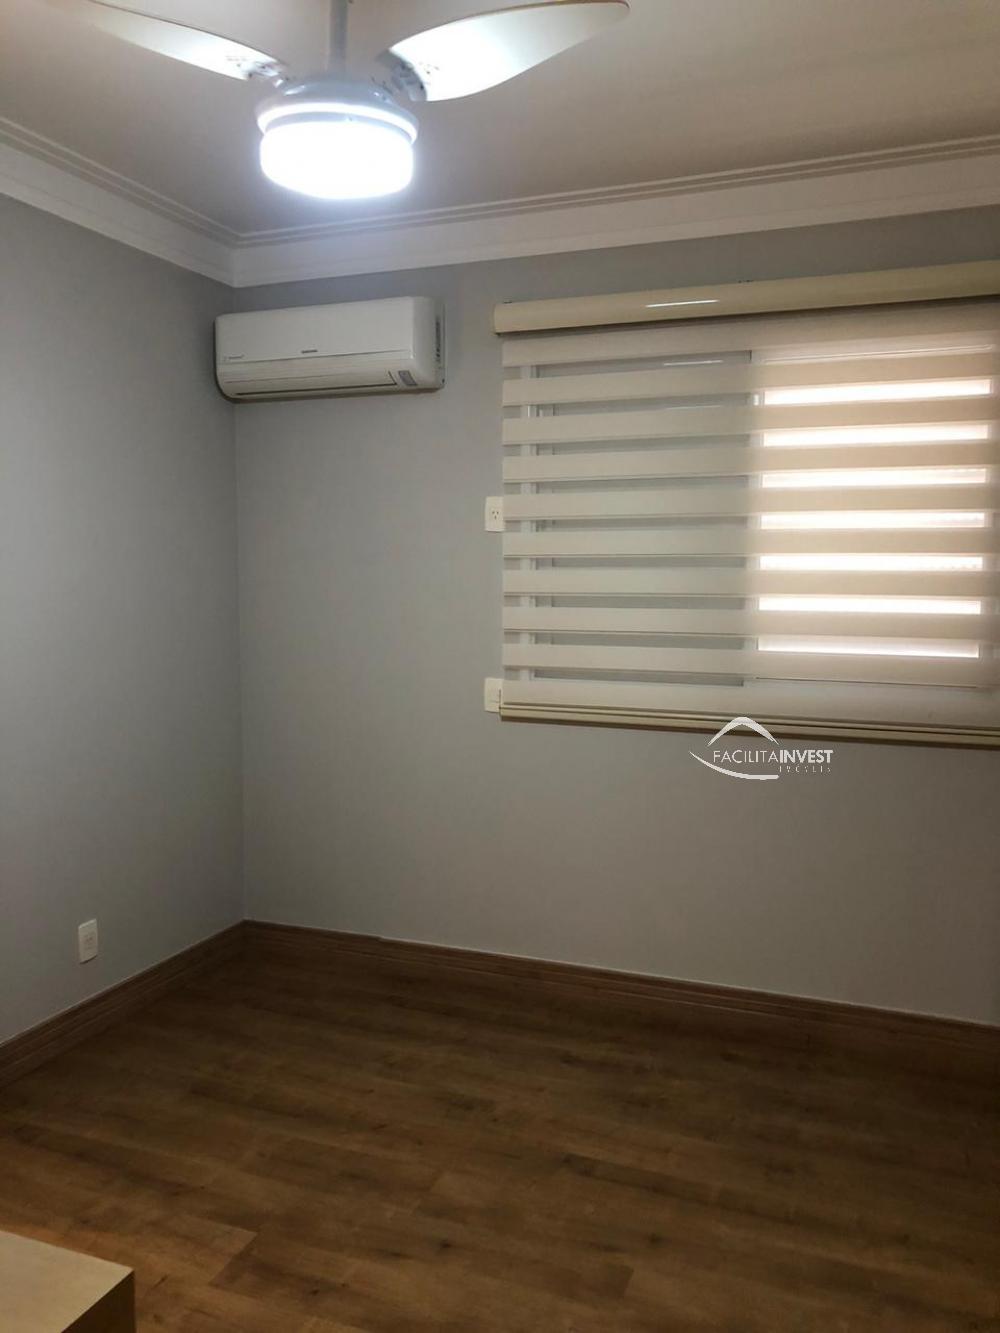 Alugar Apartamentos / Apart. Padrão em Ribeirão Preto apenas R$ 3.500,00 - Foto 23